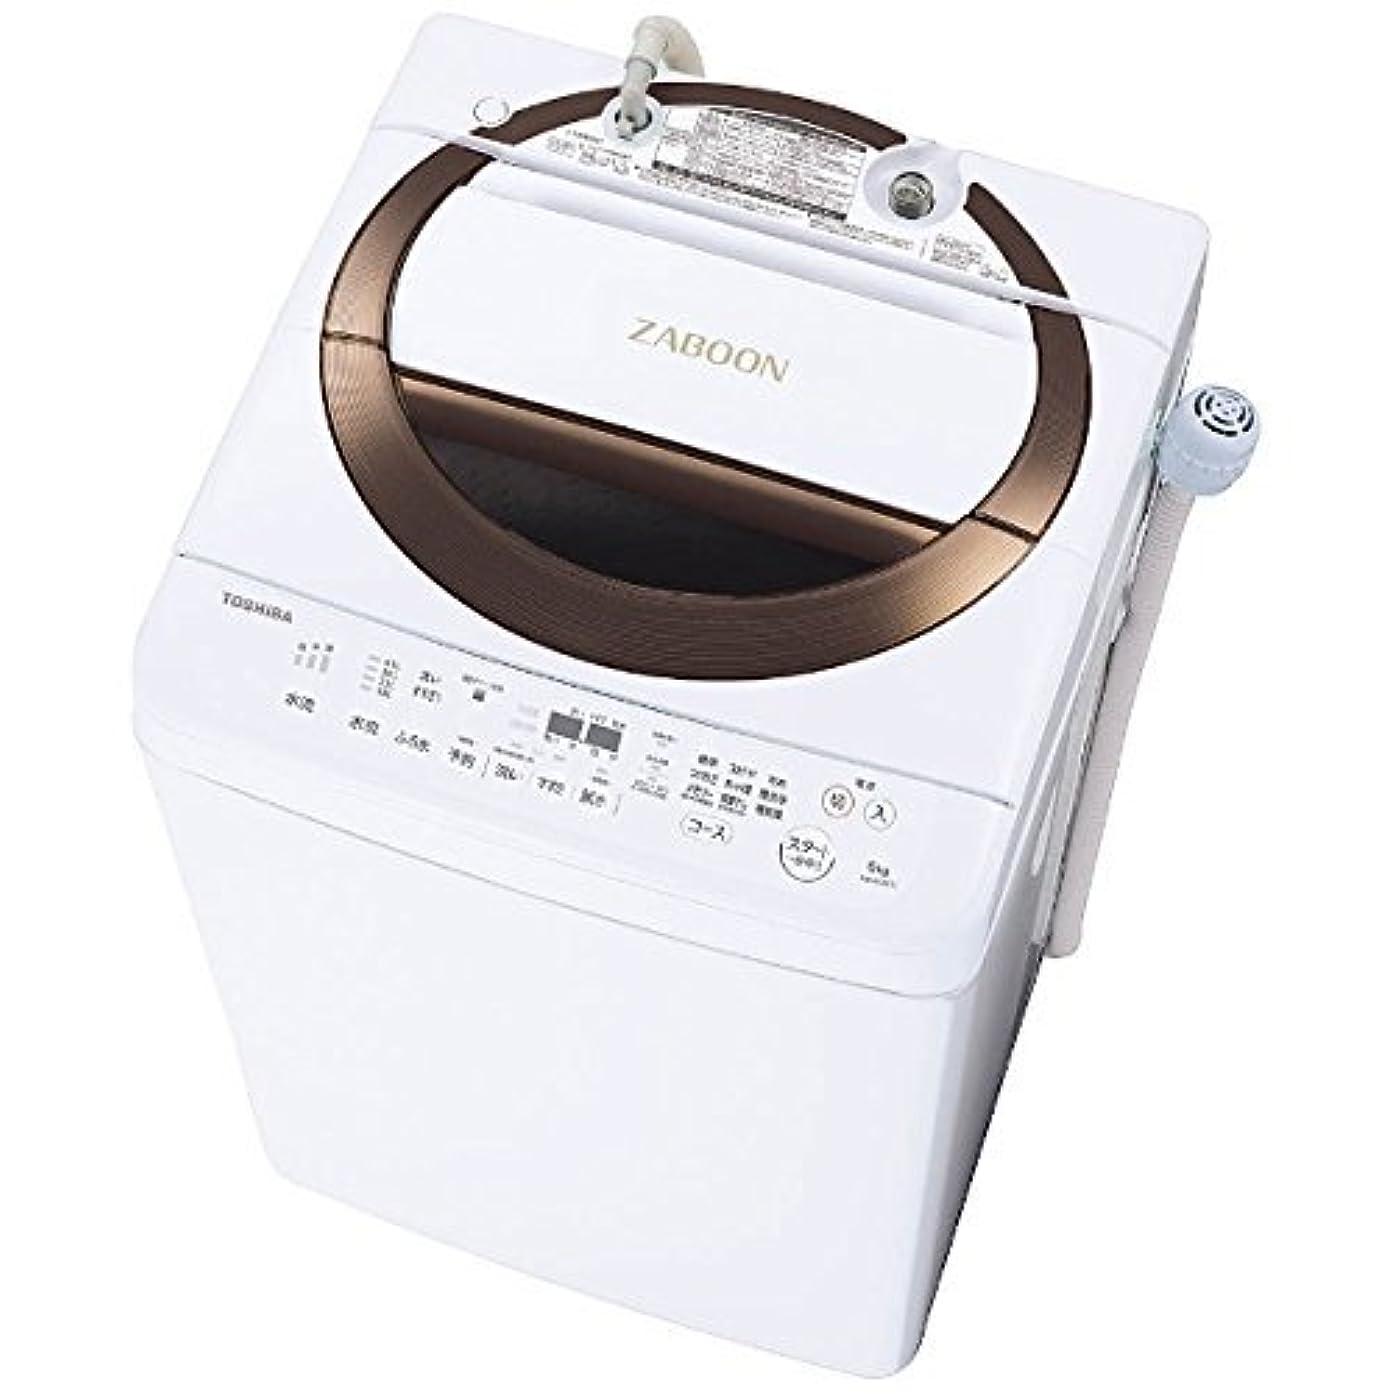 もつれ報復するスピーカーハイアール 5.5kg全自動洗濯機 エディオンオリジナル ホワイト JW-C55BE-W